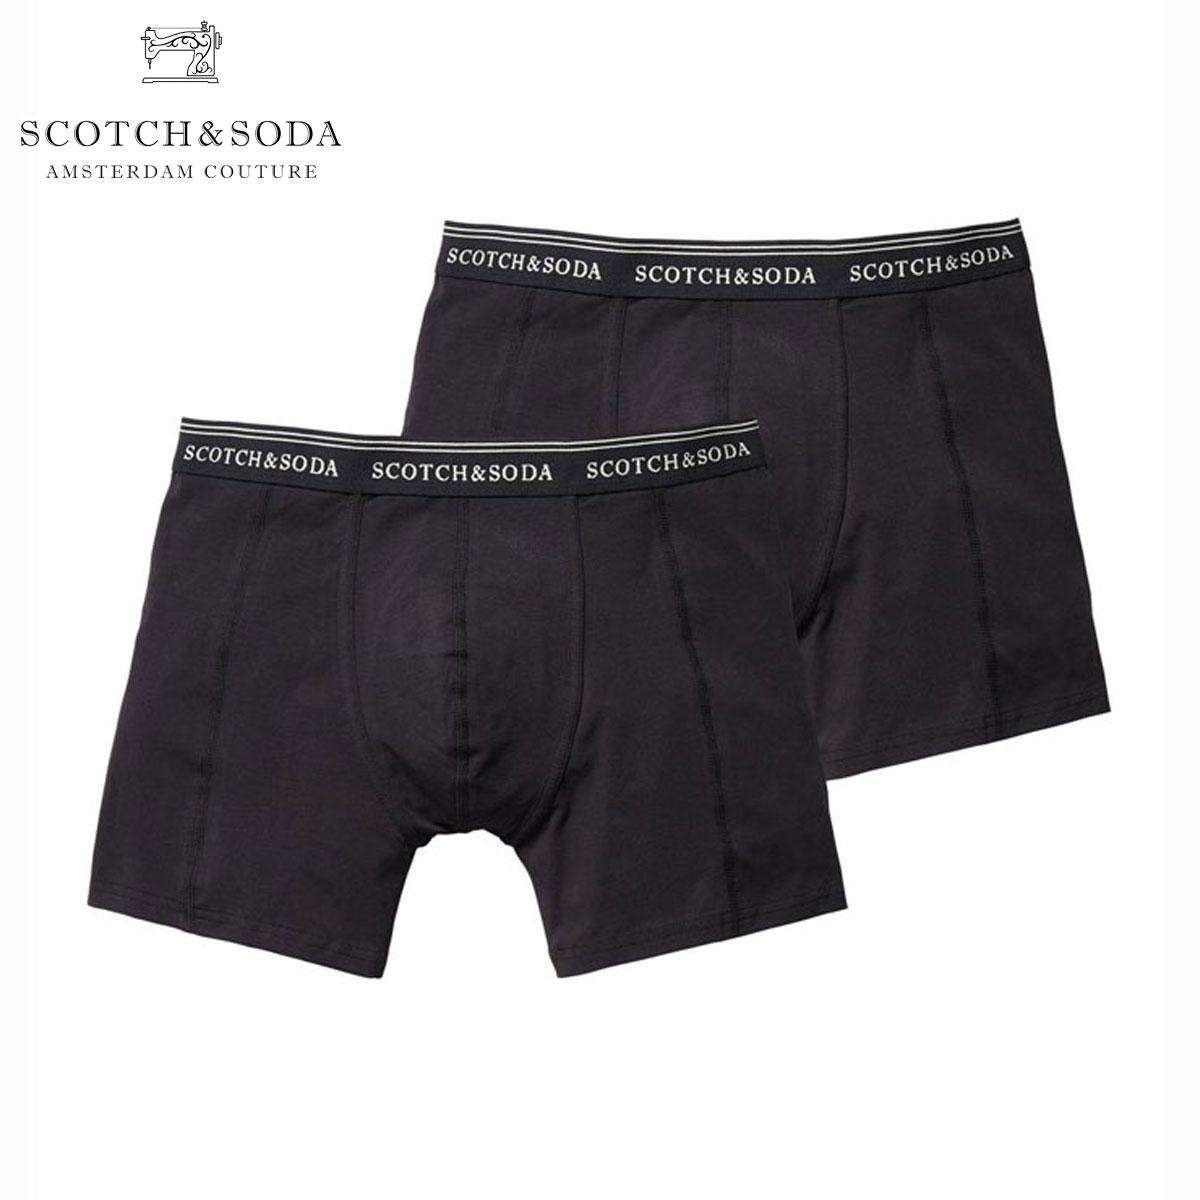 スコッチアンドソーダ SCOTCH&SODA 正規販売店 メンズ ボクサーパンツ BOXERSHORT, SOLD IN 2-PACK 124904 D DESSIND A39B B1C C7D D2E E13F